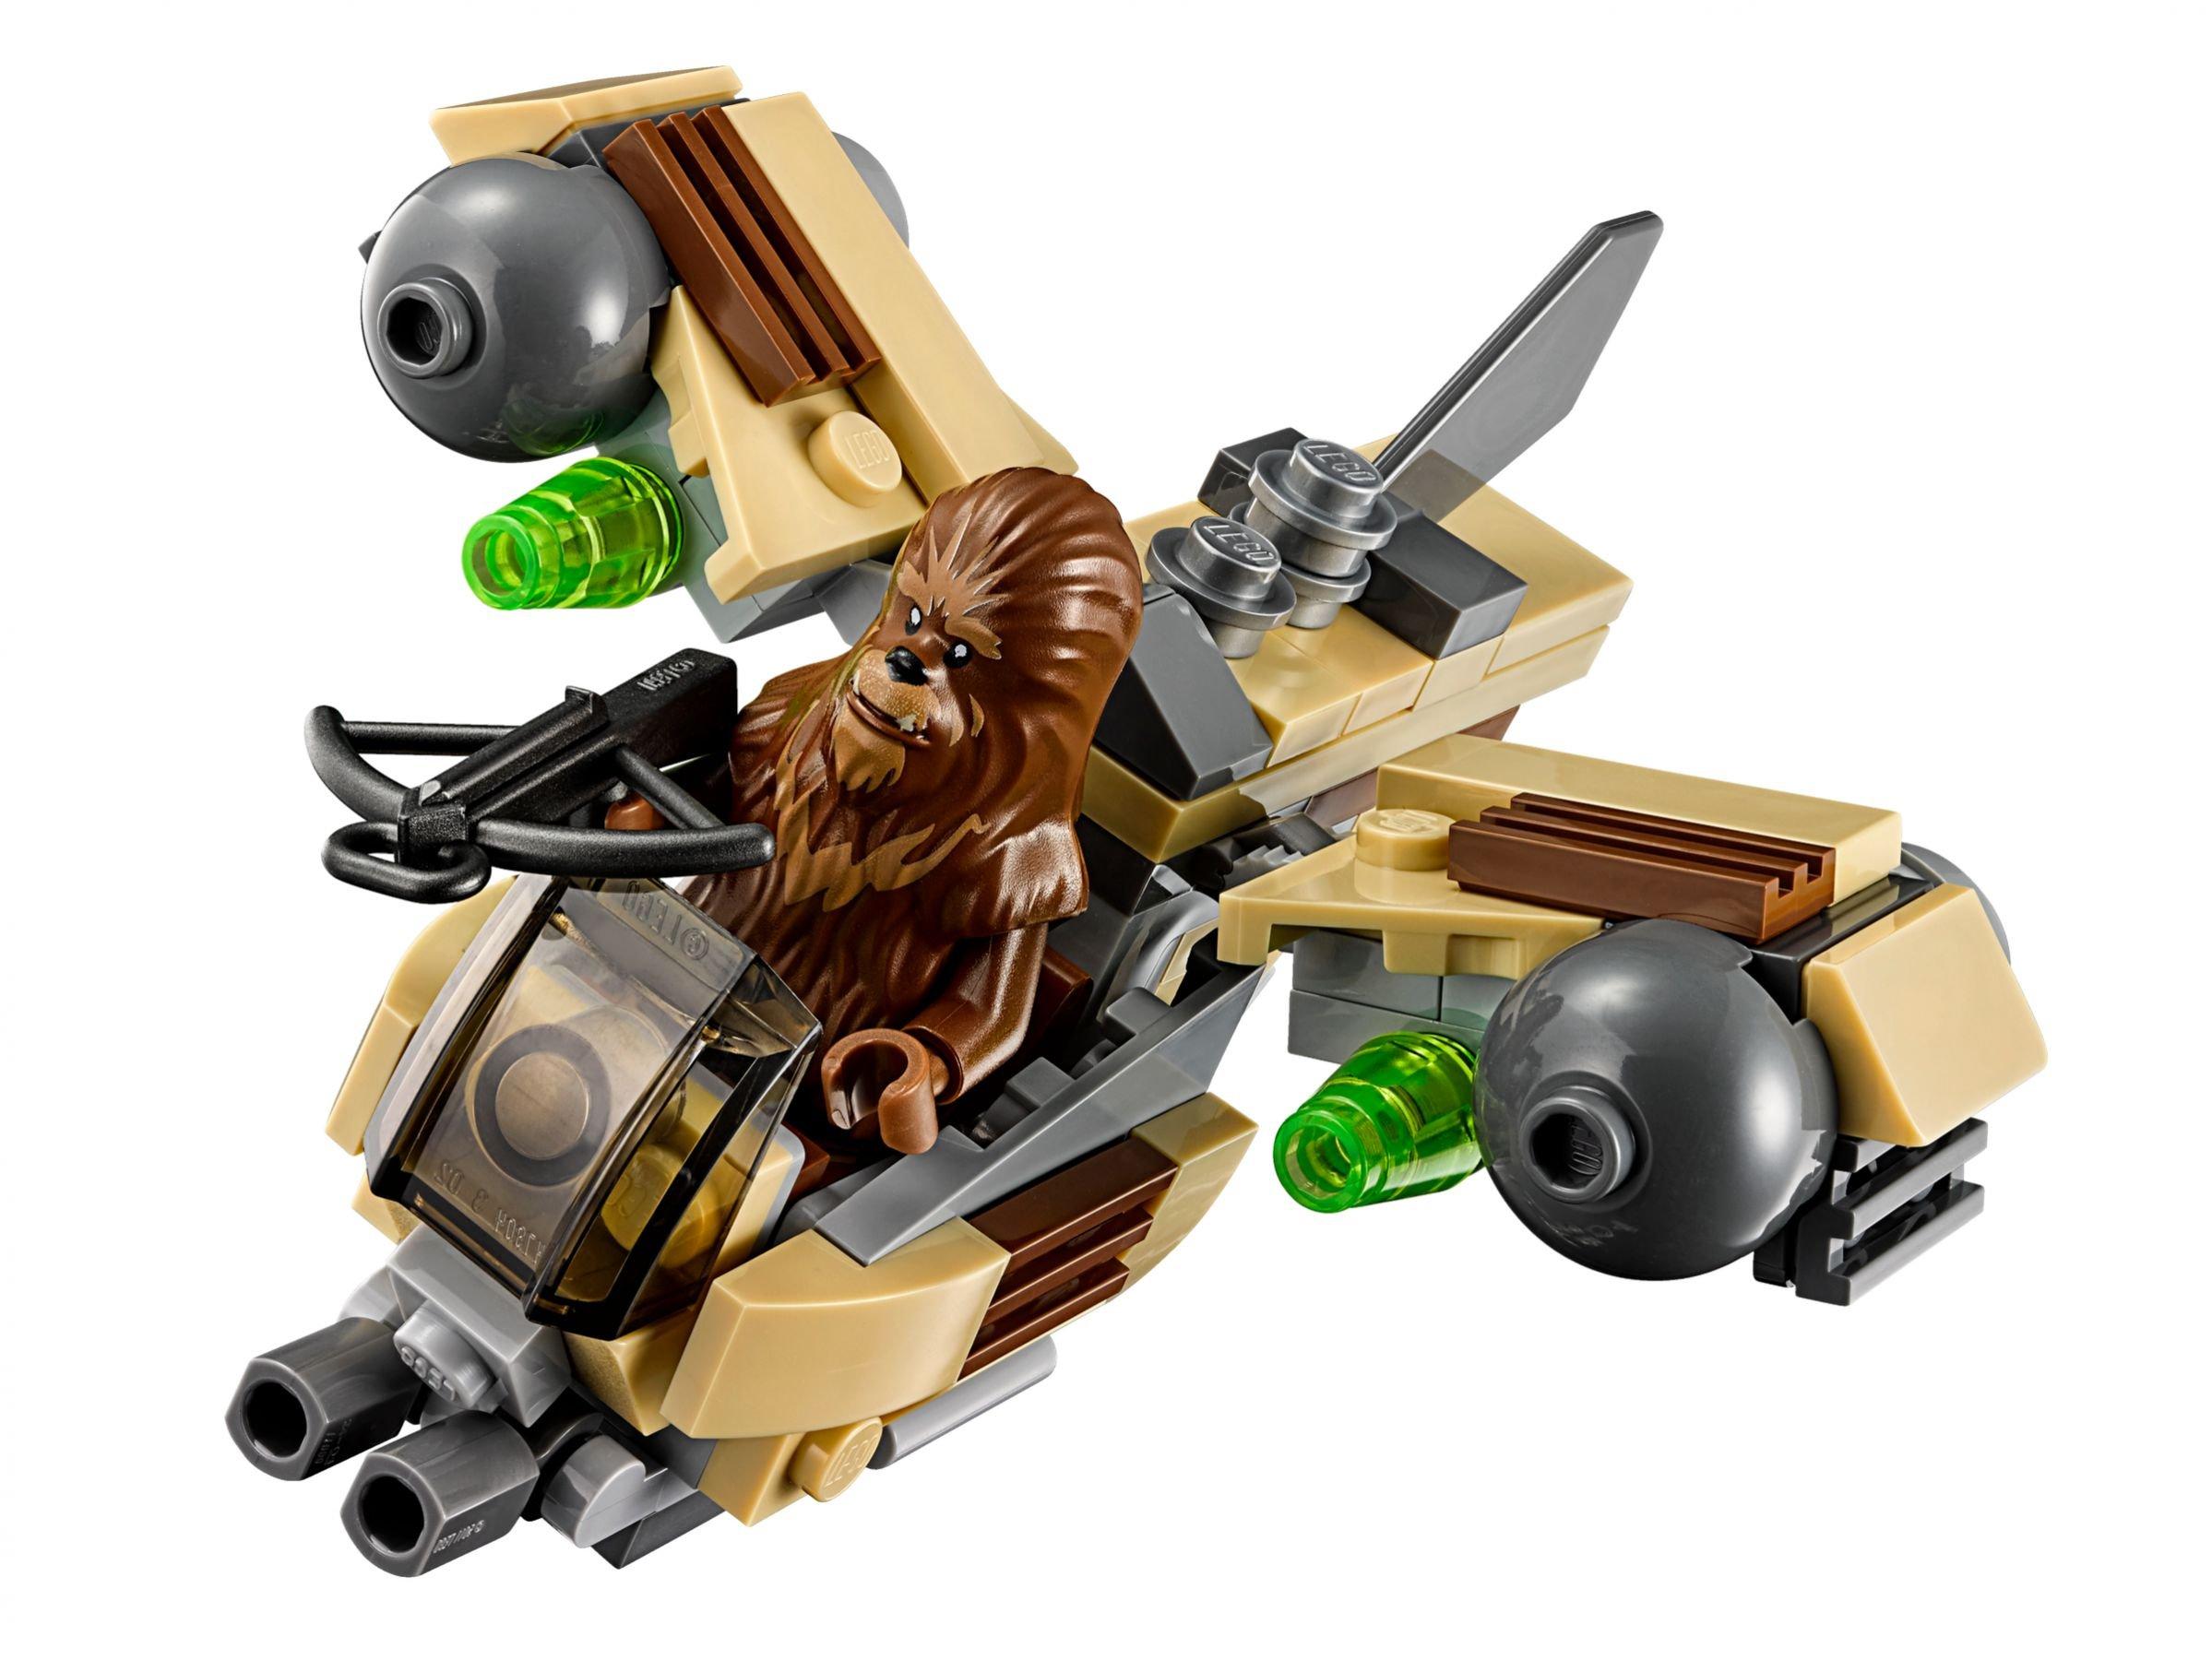 wookiee gunship 75129 lego star wars 2016 im preisvergleich wookiee gunship. Black Bedroom Furniture Sets. Home Design Ideas